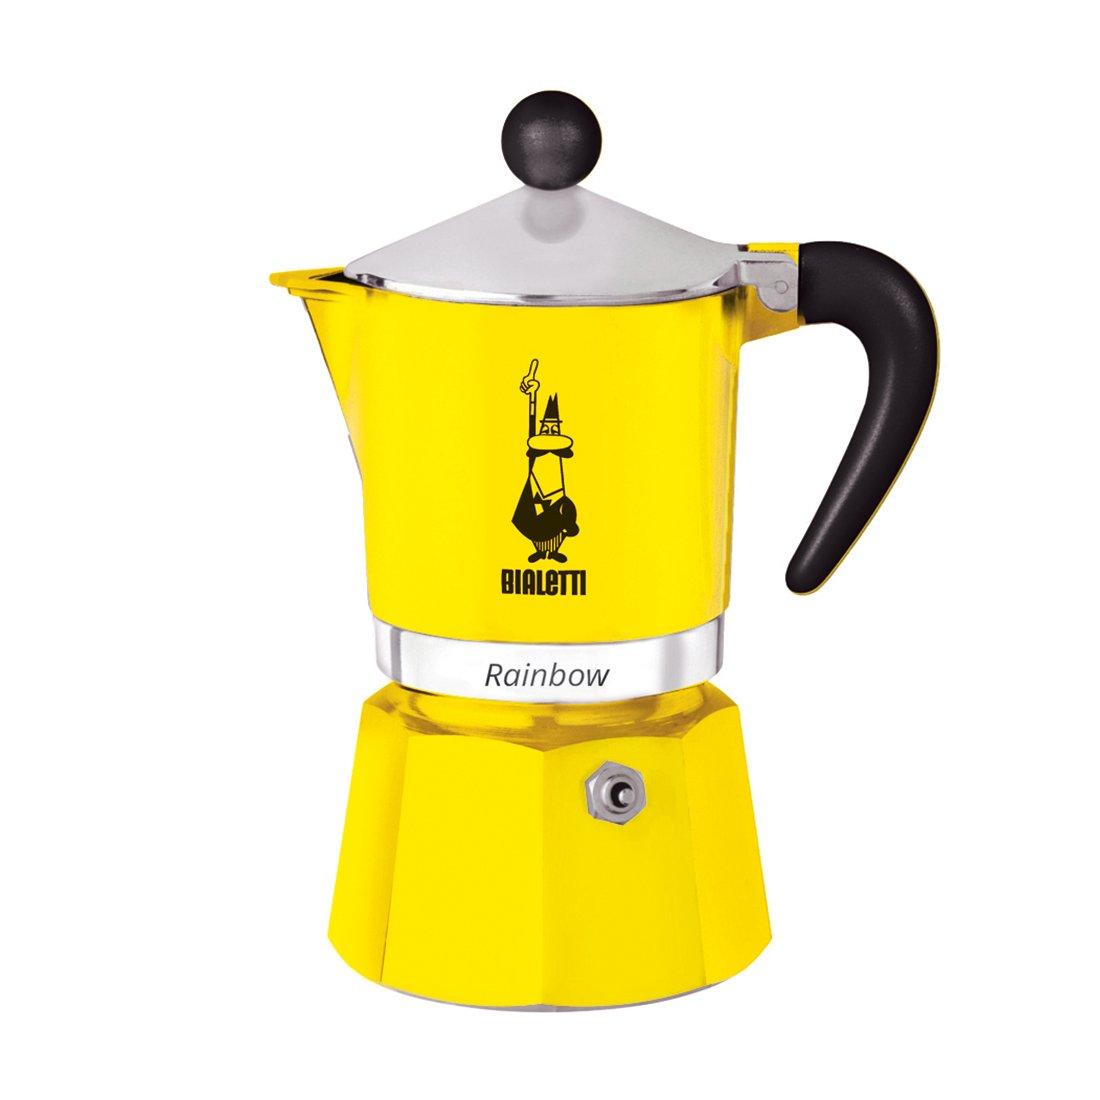 """Онлайн каталог PROMENU: Кофеварка гейзерная """"Rainbow"""" Bialetti RAINBOW, на 3 чашки, желтый                               0004982"""